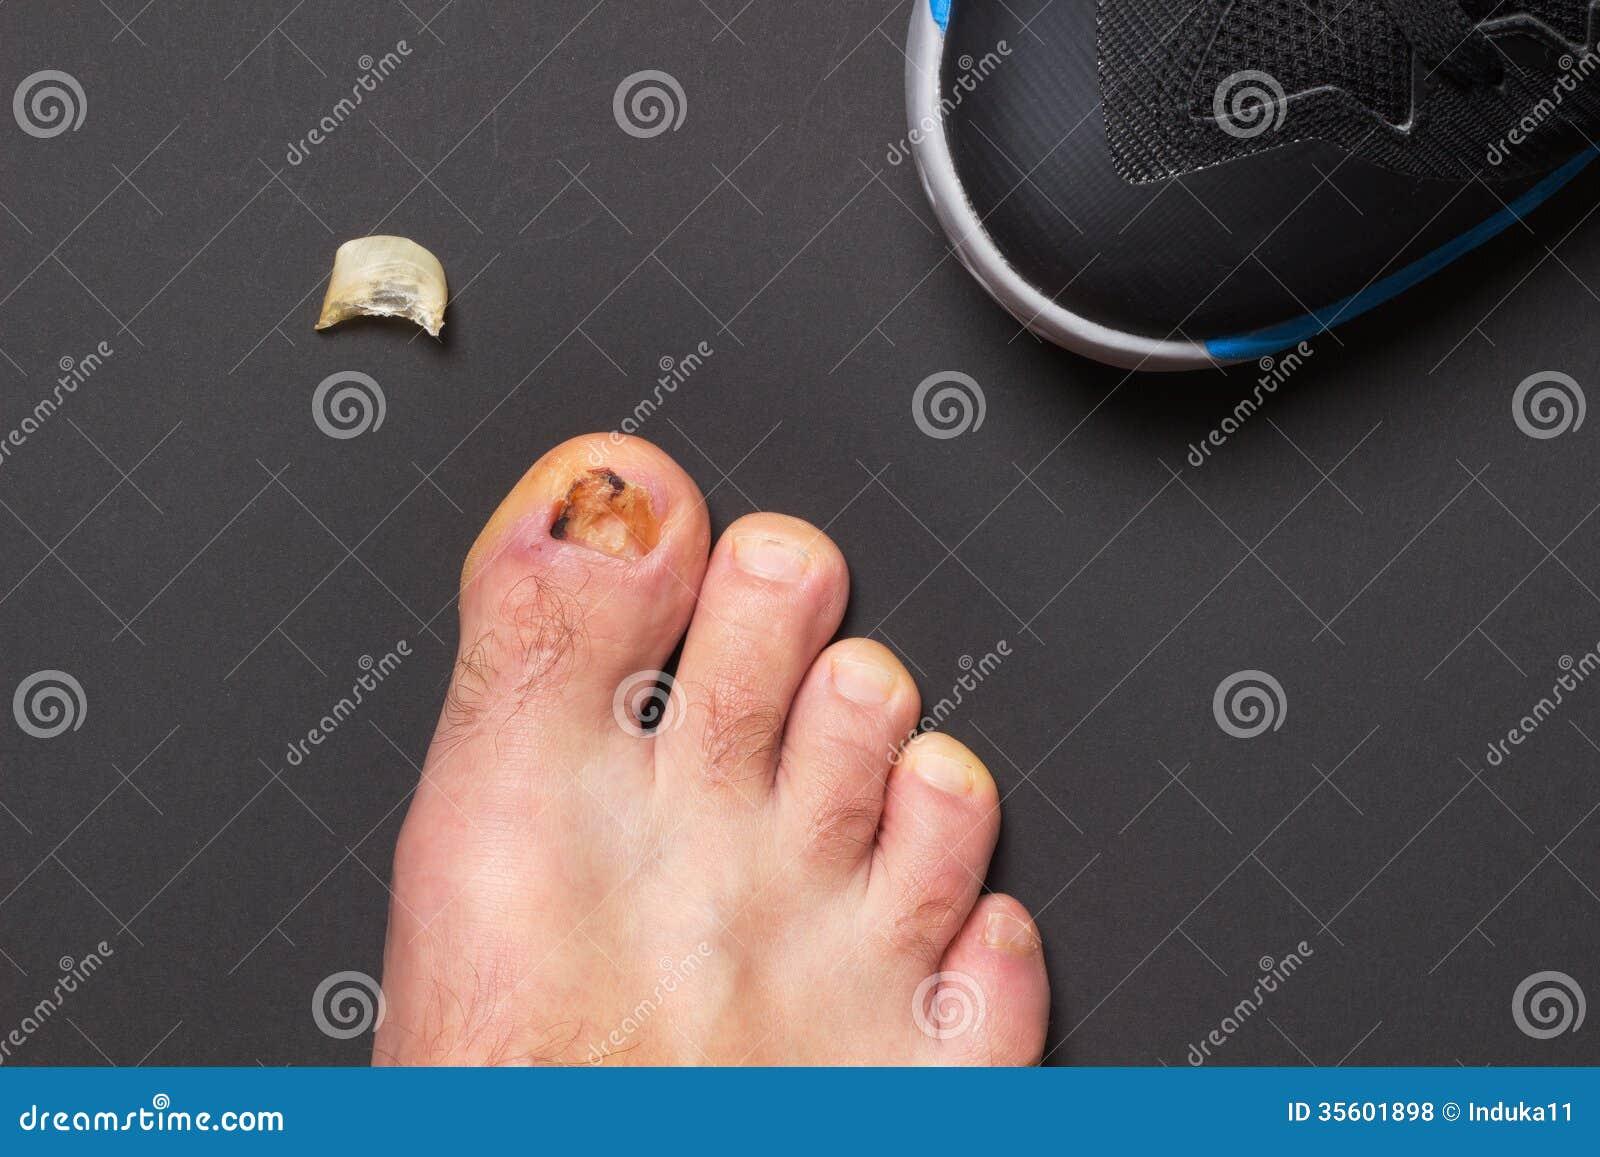 Nail Injury Royalty Free Stock Photos Image 35601898